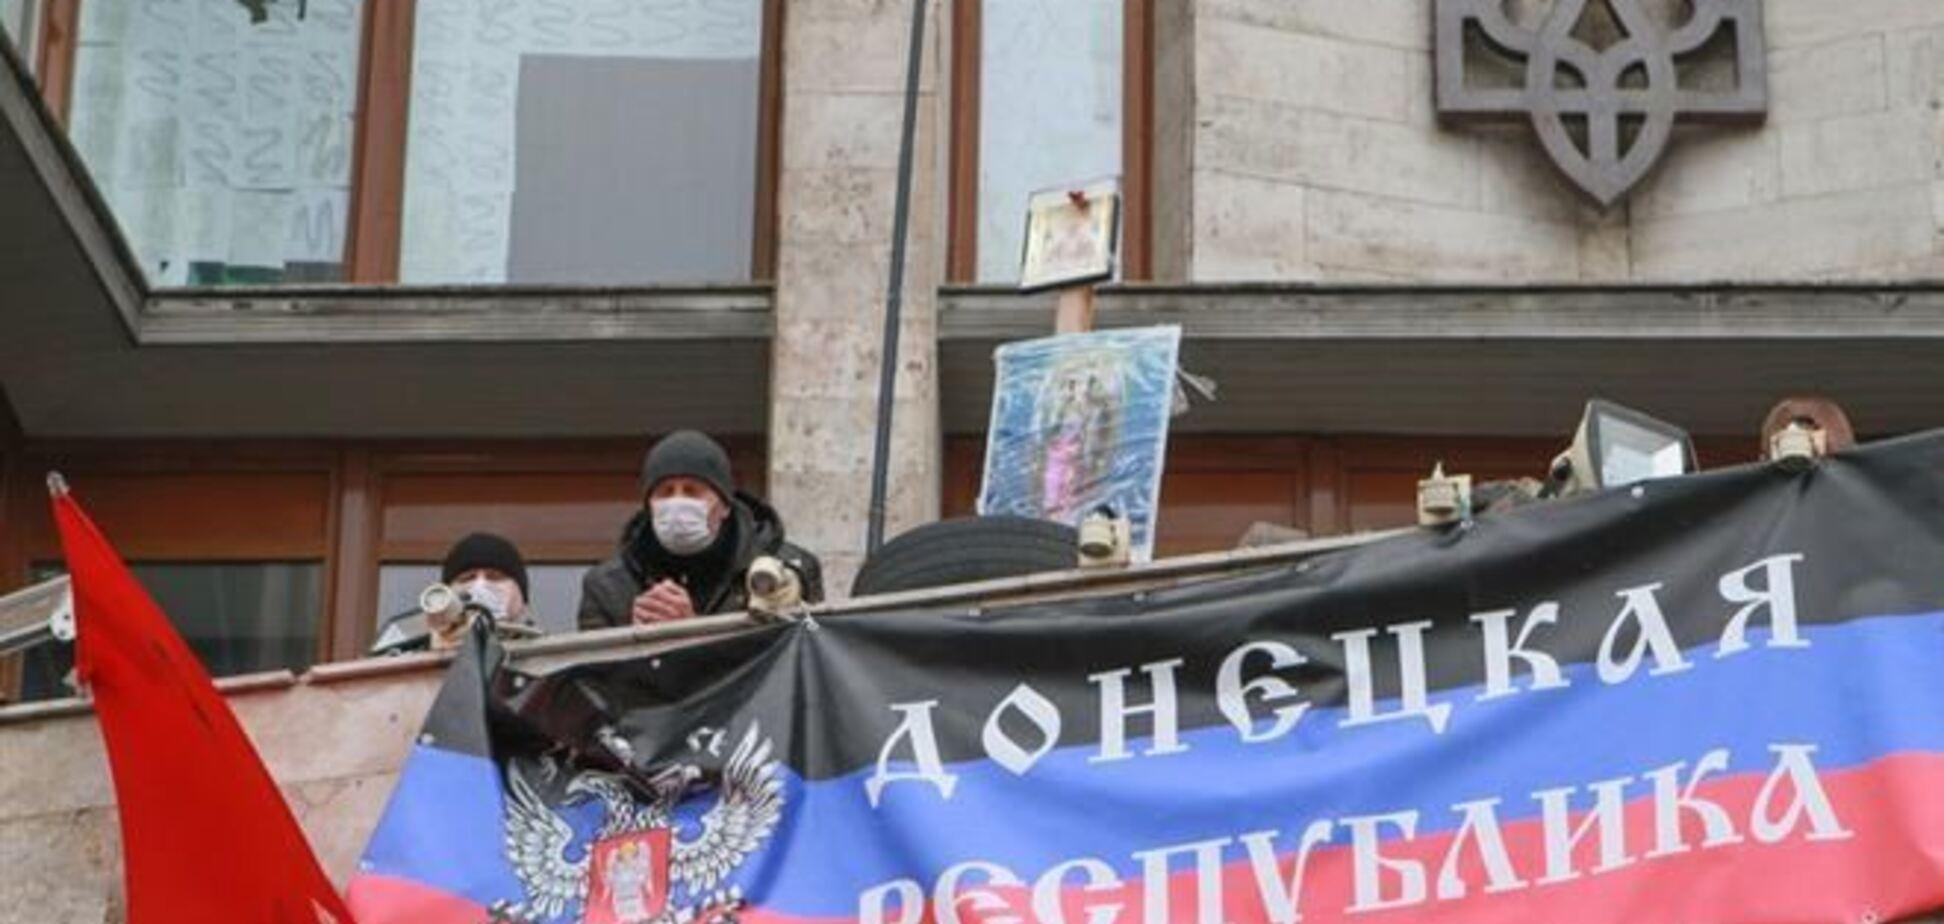 Сепаратизм в Украине: для бедных или богатых?